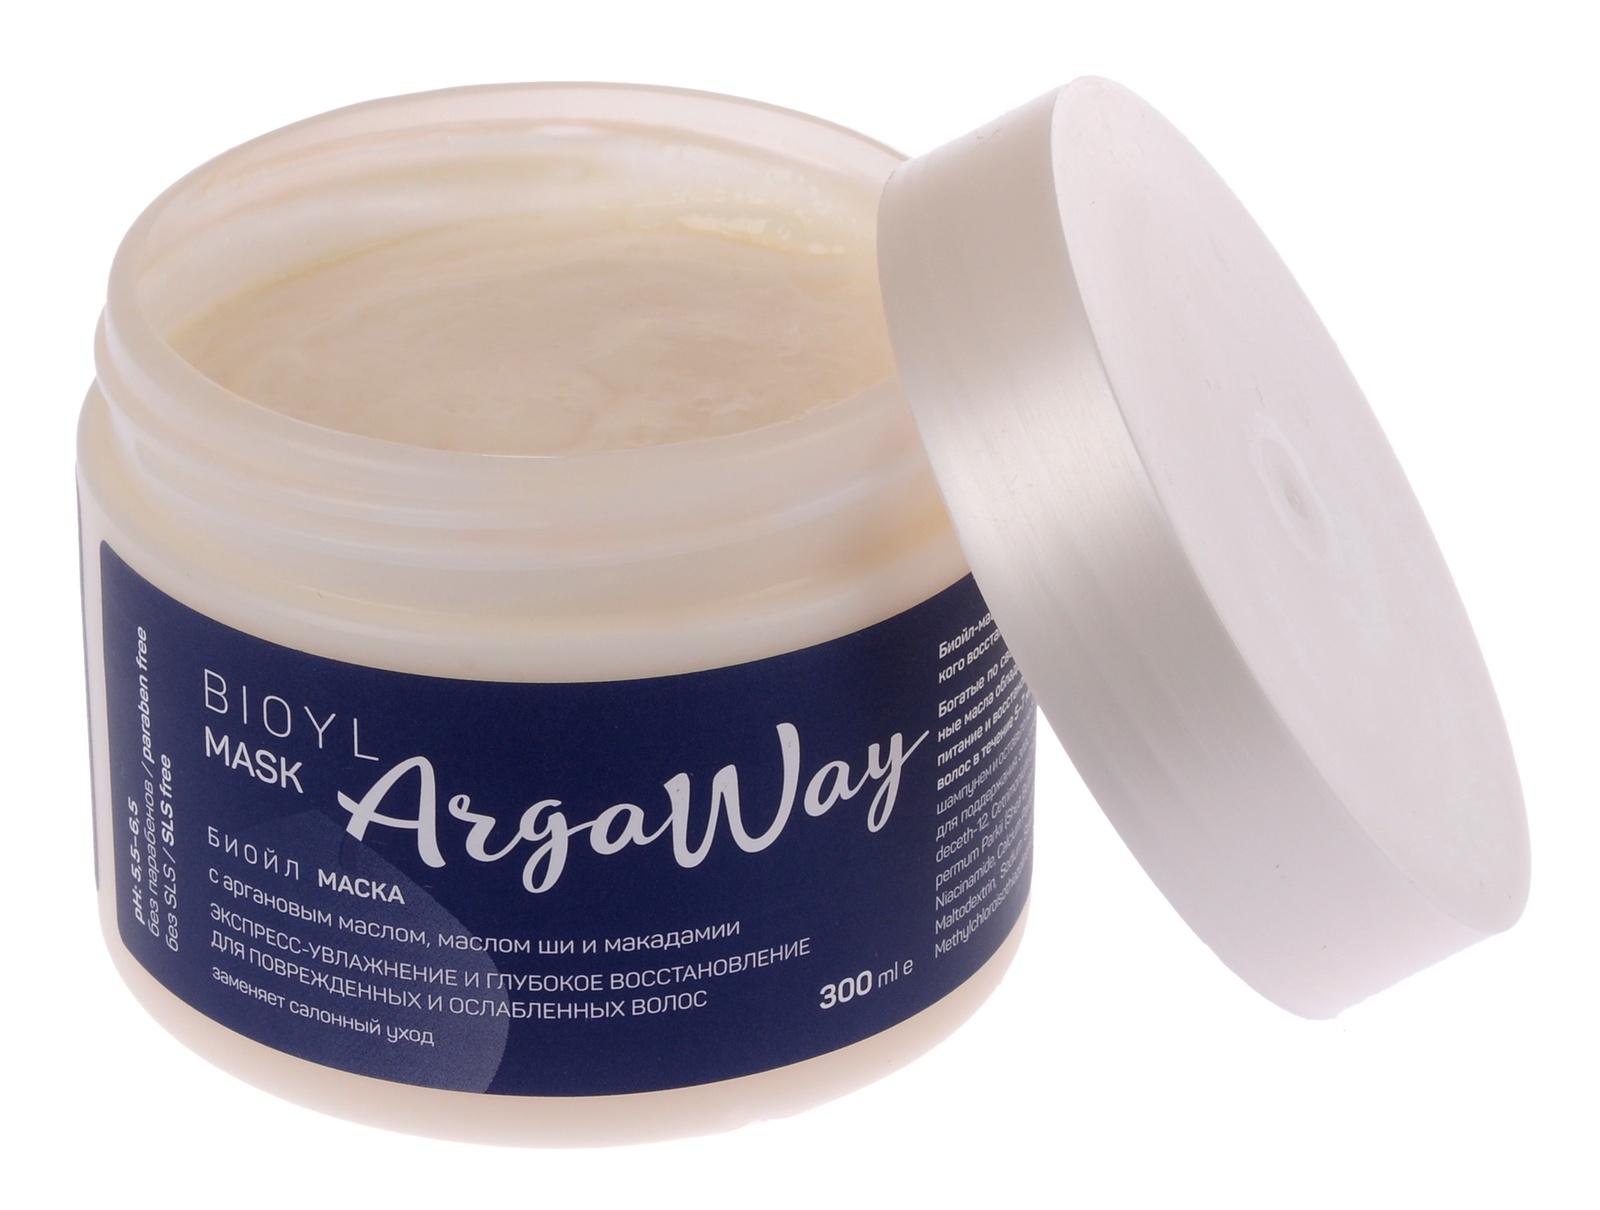 Маска для волос Argaway увлажнение и восстановление 300 мл шампунь для волос argaway косметика 330